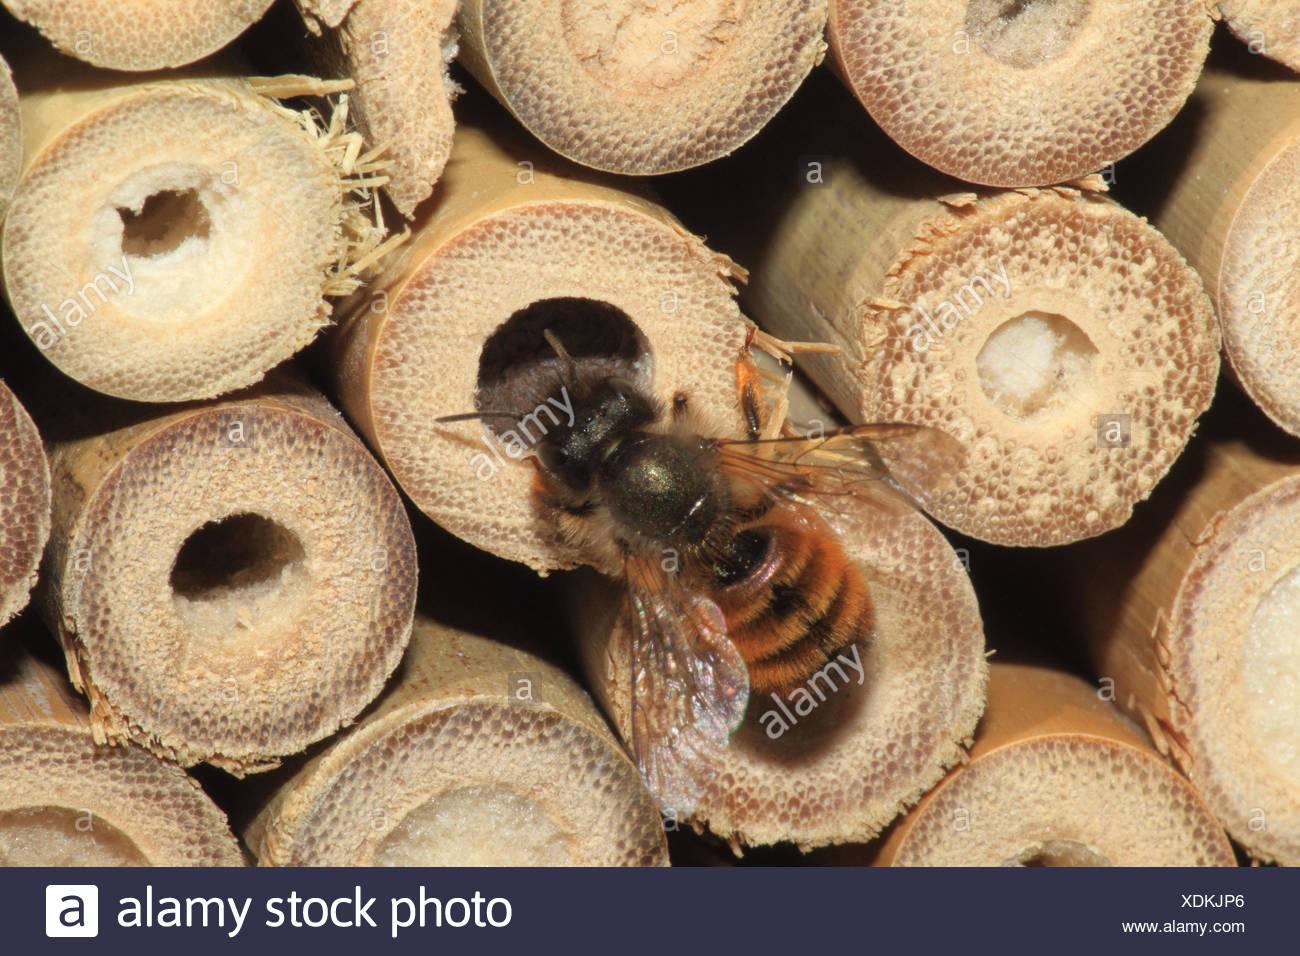 Muralla defensiva, cría de abejas pit, medio cerca, formato horizontal, insectos, animales, animales salvajes, insectos, Bee House, Alemania Imagen De Stock